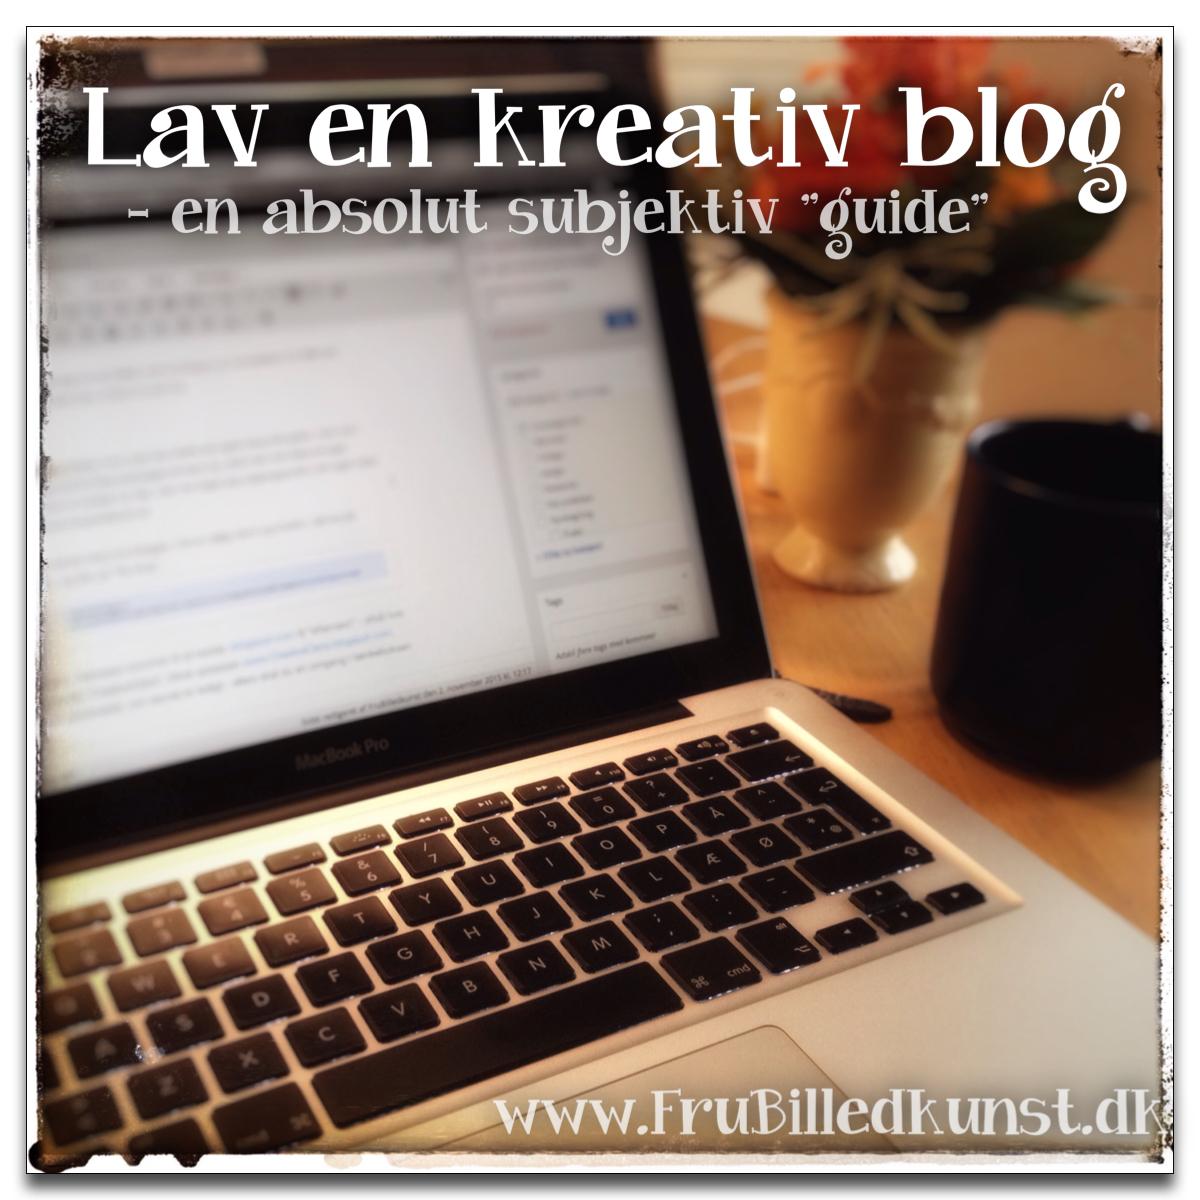 www.FruBilledkunst.dk - lav en kreativ blog